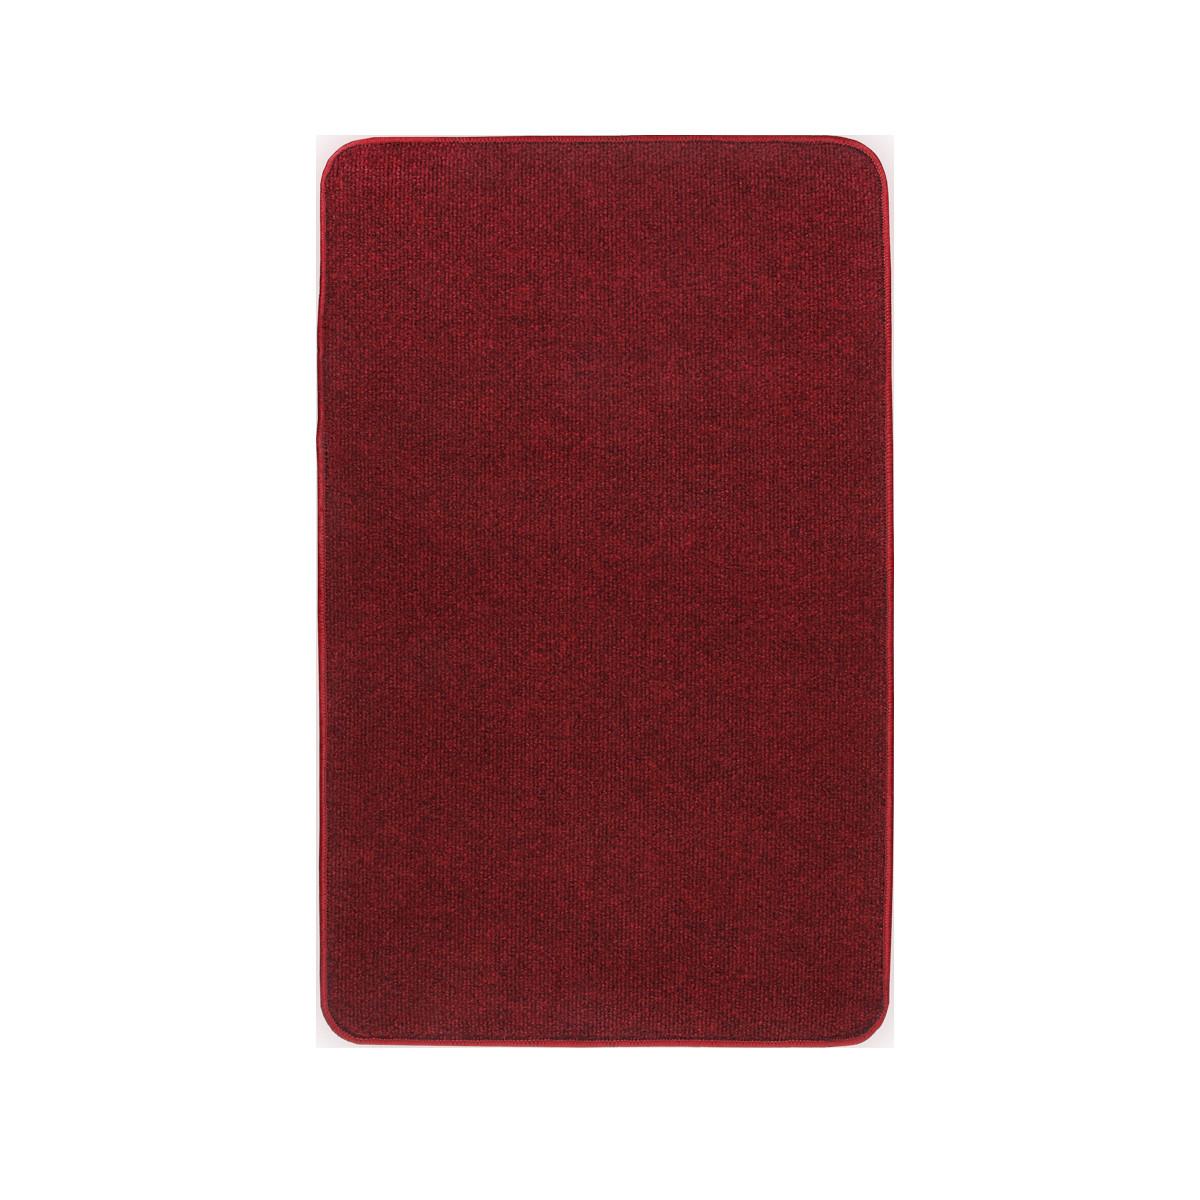 Електричний килимок з підігрівом Теплик двосторонній 50 х 100 см Темно-червоний